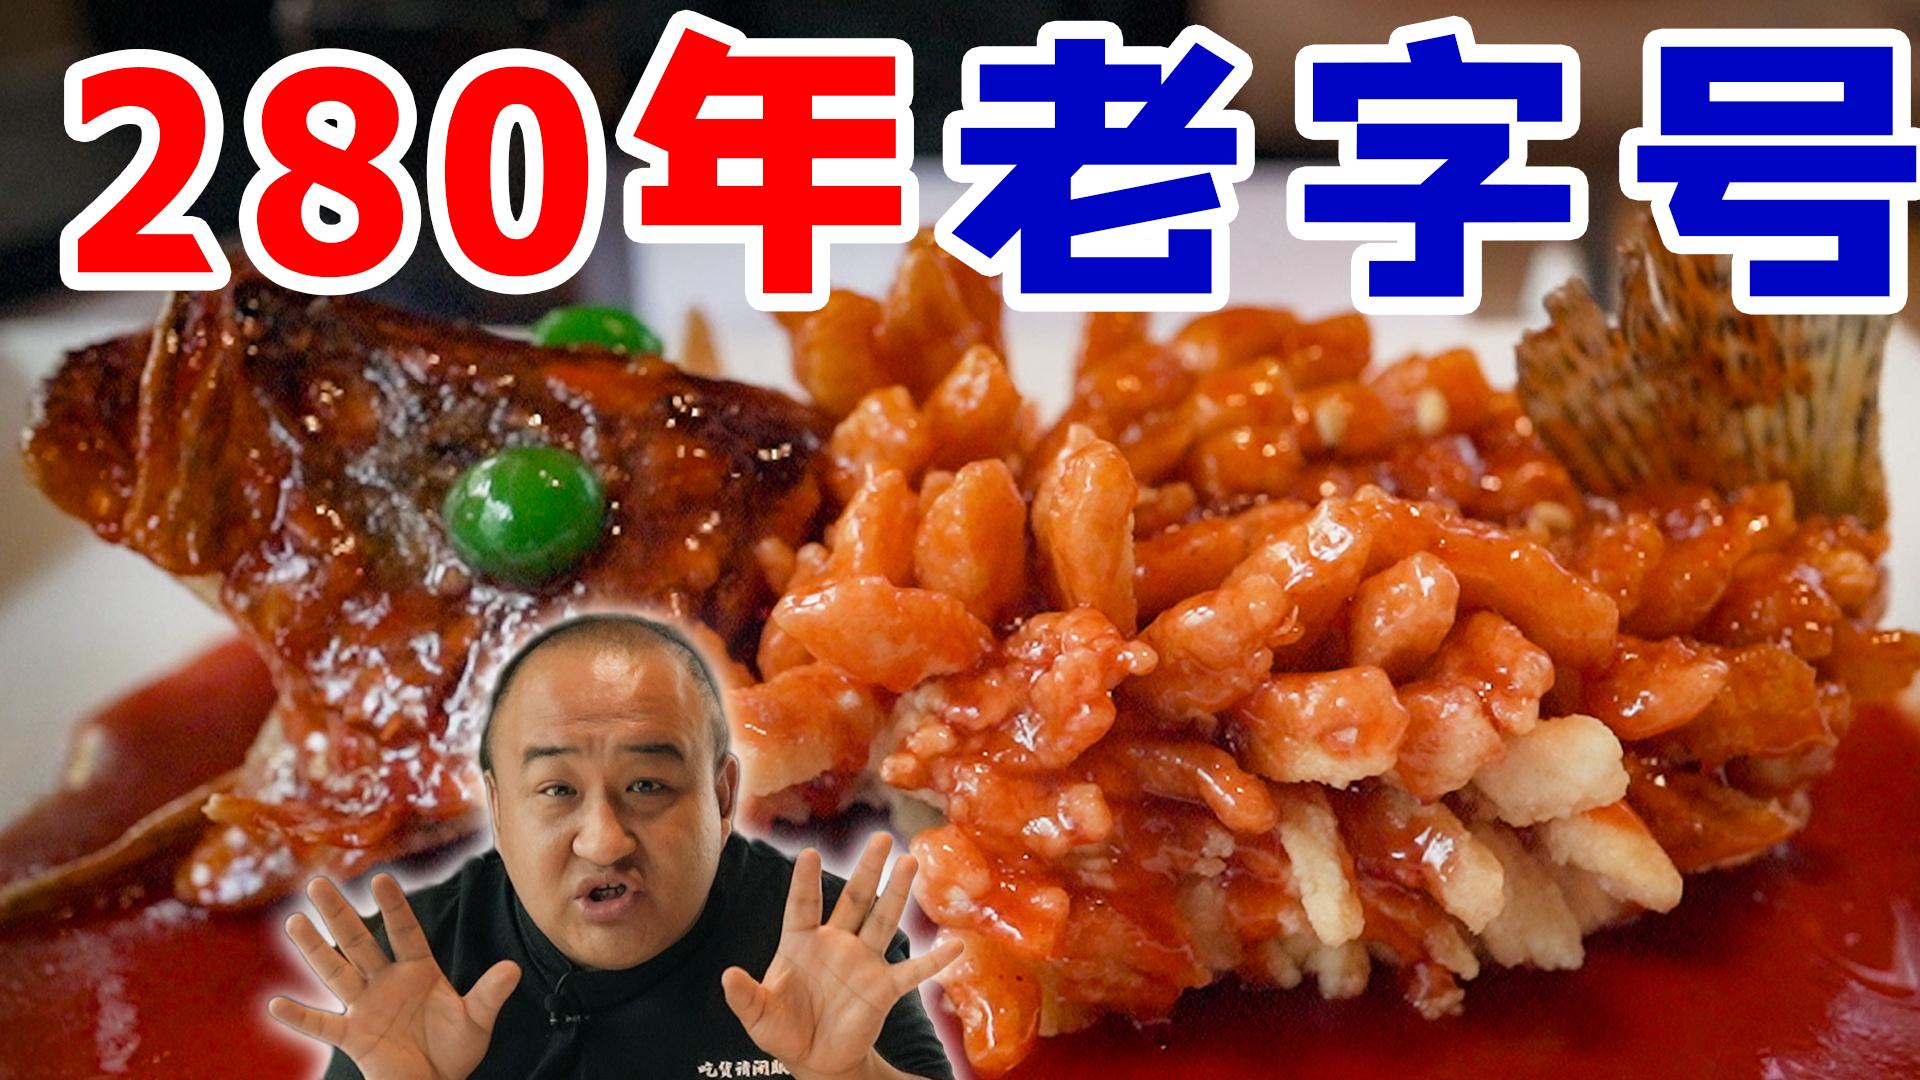 【吃货请闭眼】乔峰段誉在此拼酒结拜!影视中出现最多的苏帮菜?金庸先生都曾给他家题字!